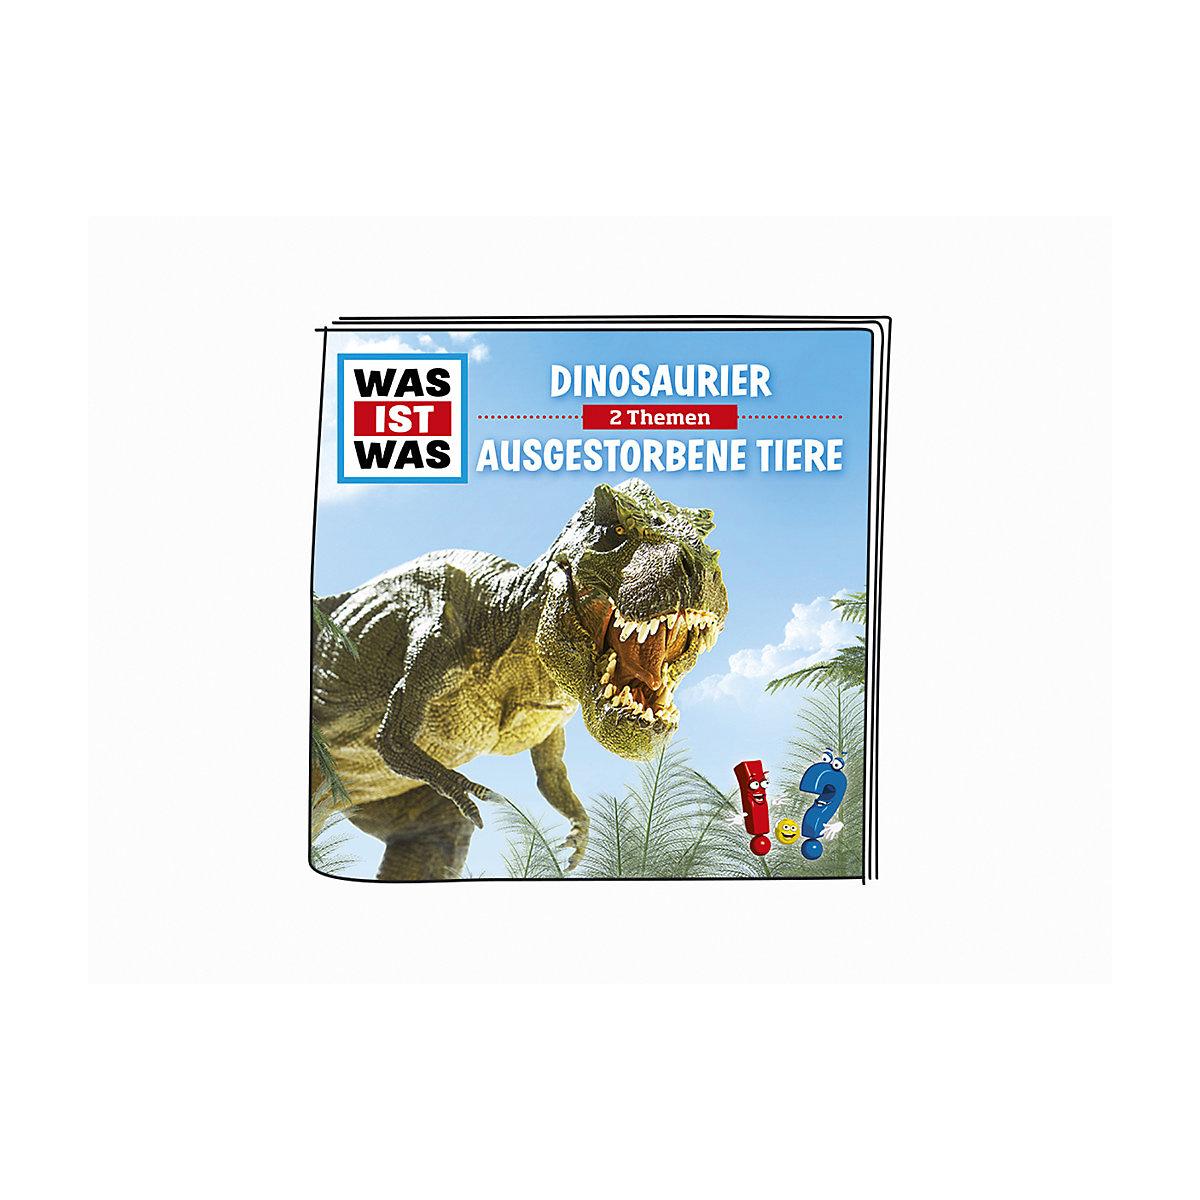 Was ist was - Dinosaurier und ausgestorbene Tiere tonies 0YaoI